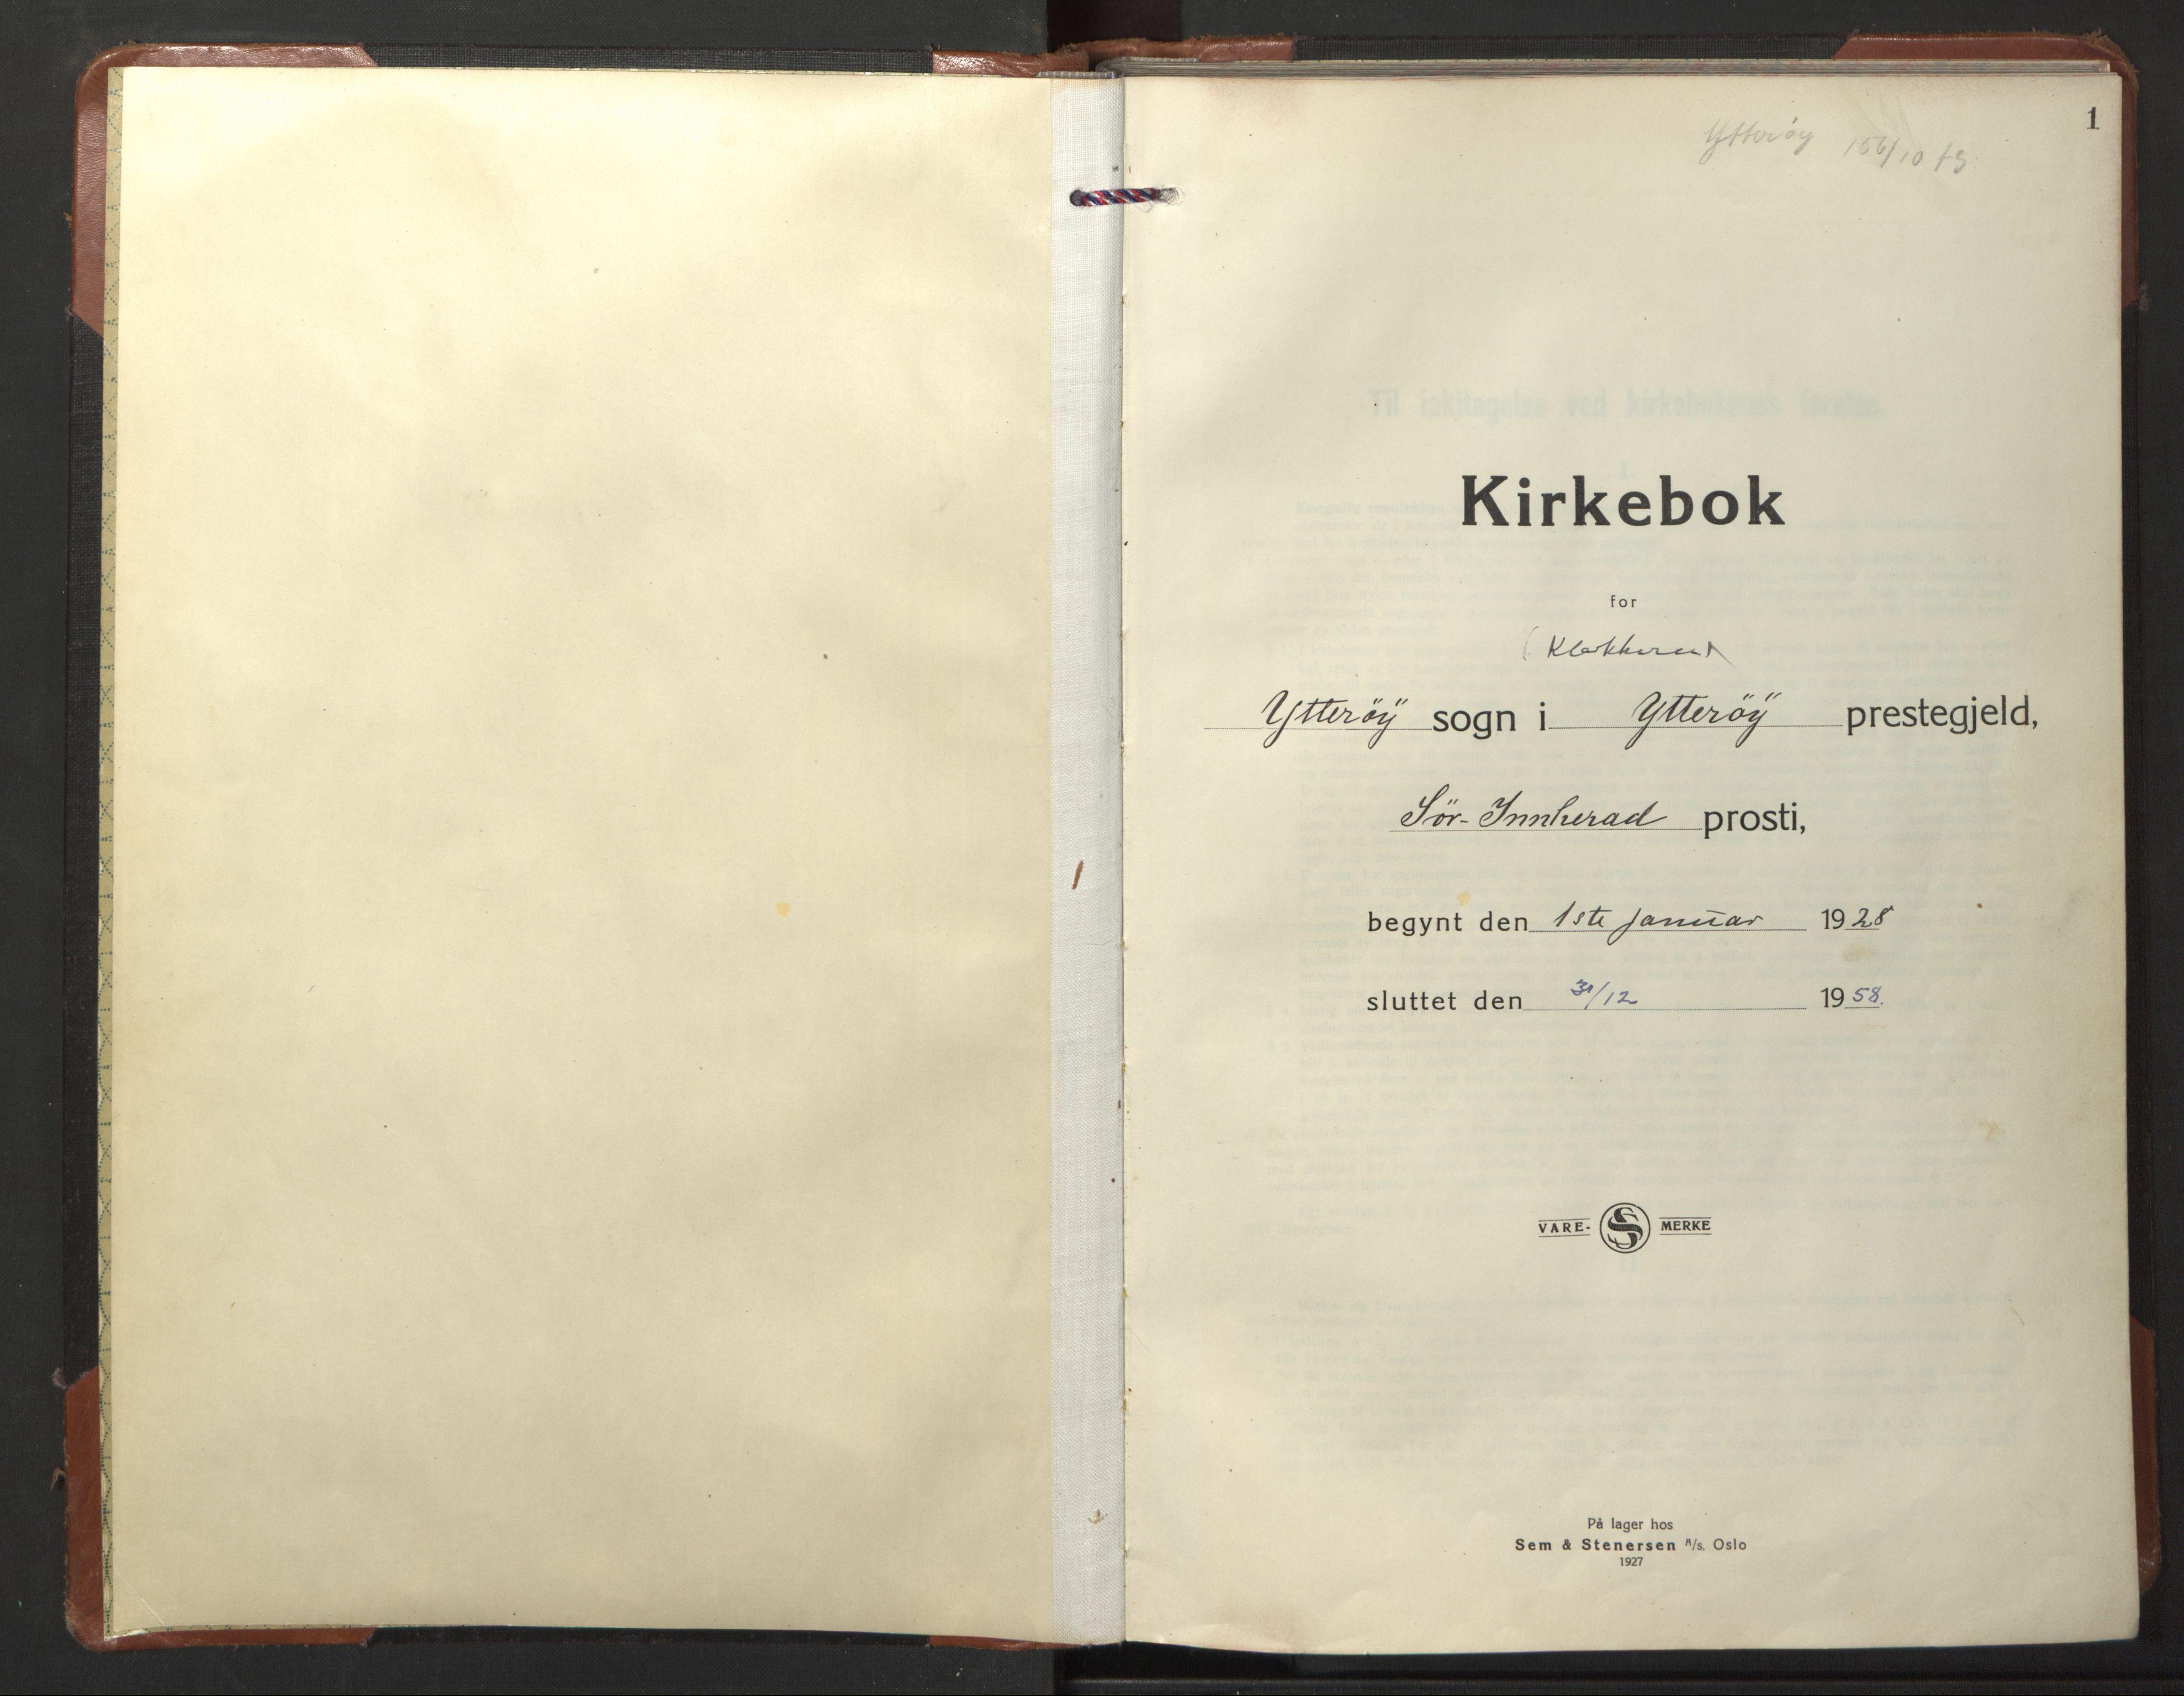 SAT, Ministerialprotokoller, klokkerbøker og fødselsregistre - Nord-Trøndelag, 722/L0227: Klokkerbok nr. 722C03, 1928-1958, s. 1